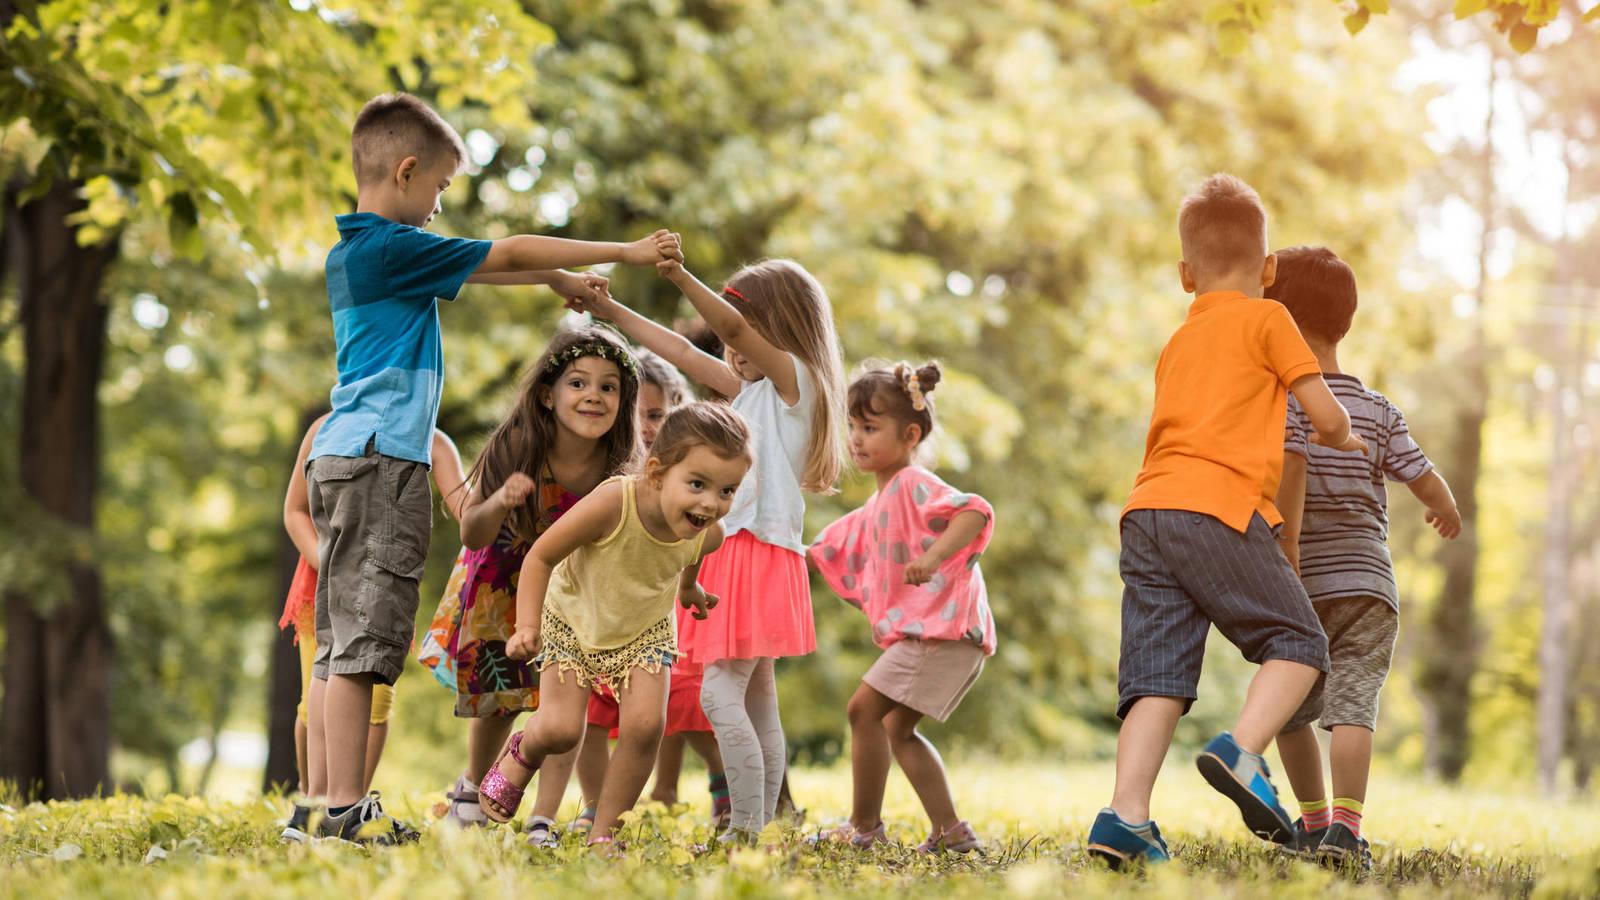 ¡Un plan para tu hijo! La dirección de deporte y recreación de Jojutla te ofrece un curso de verano para menores entre 6 y 15 años